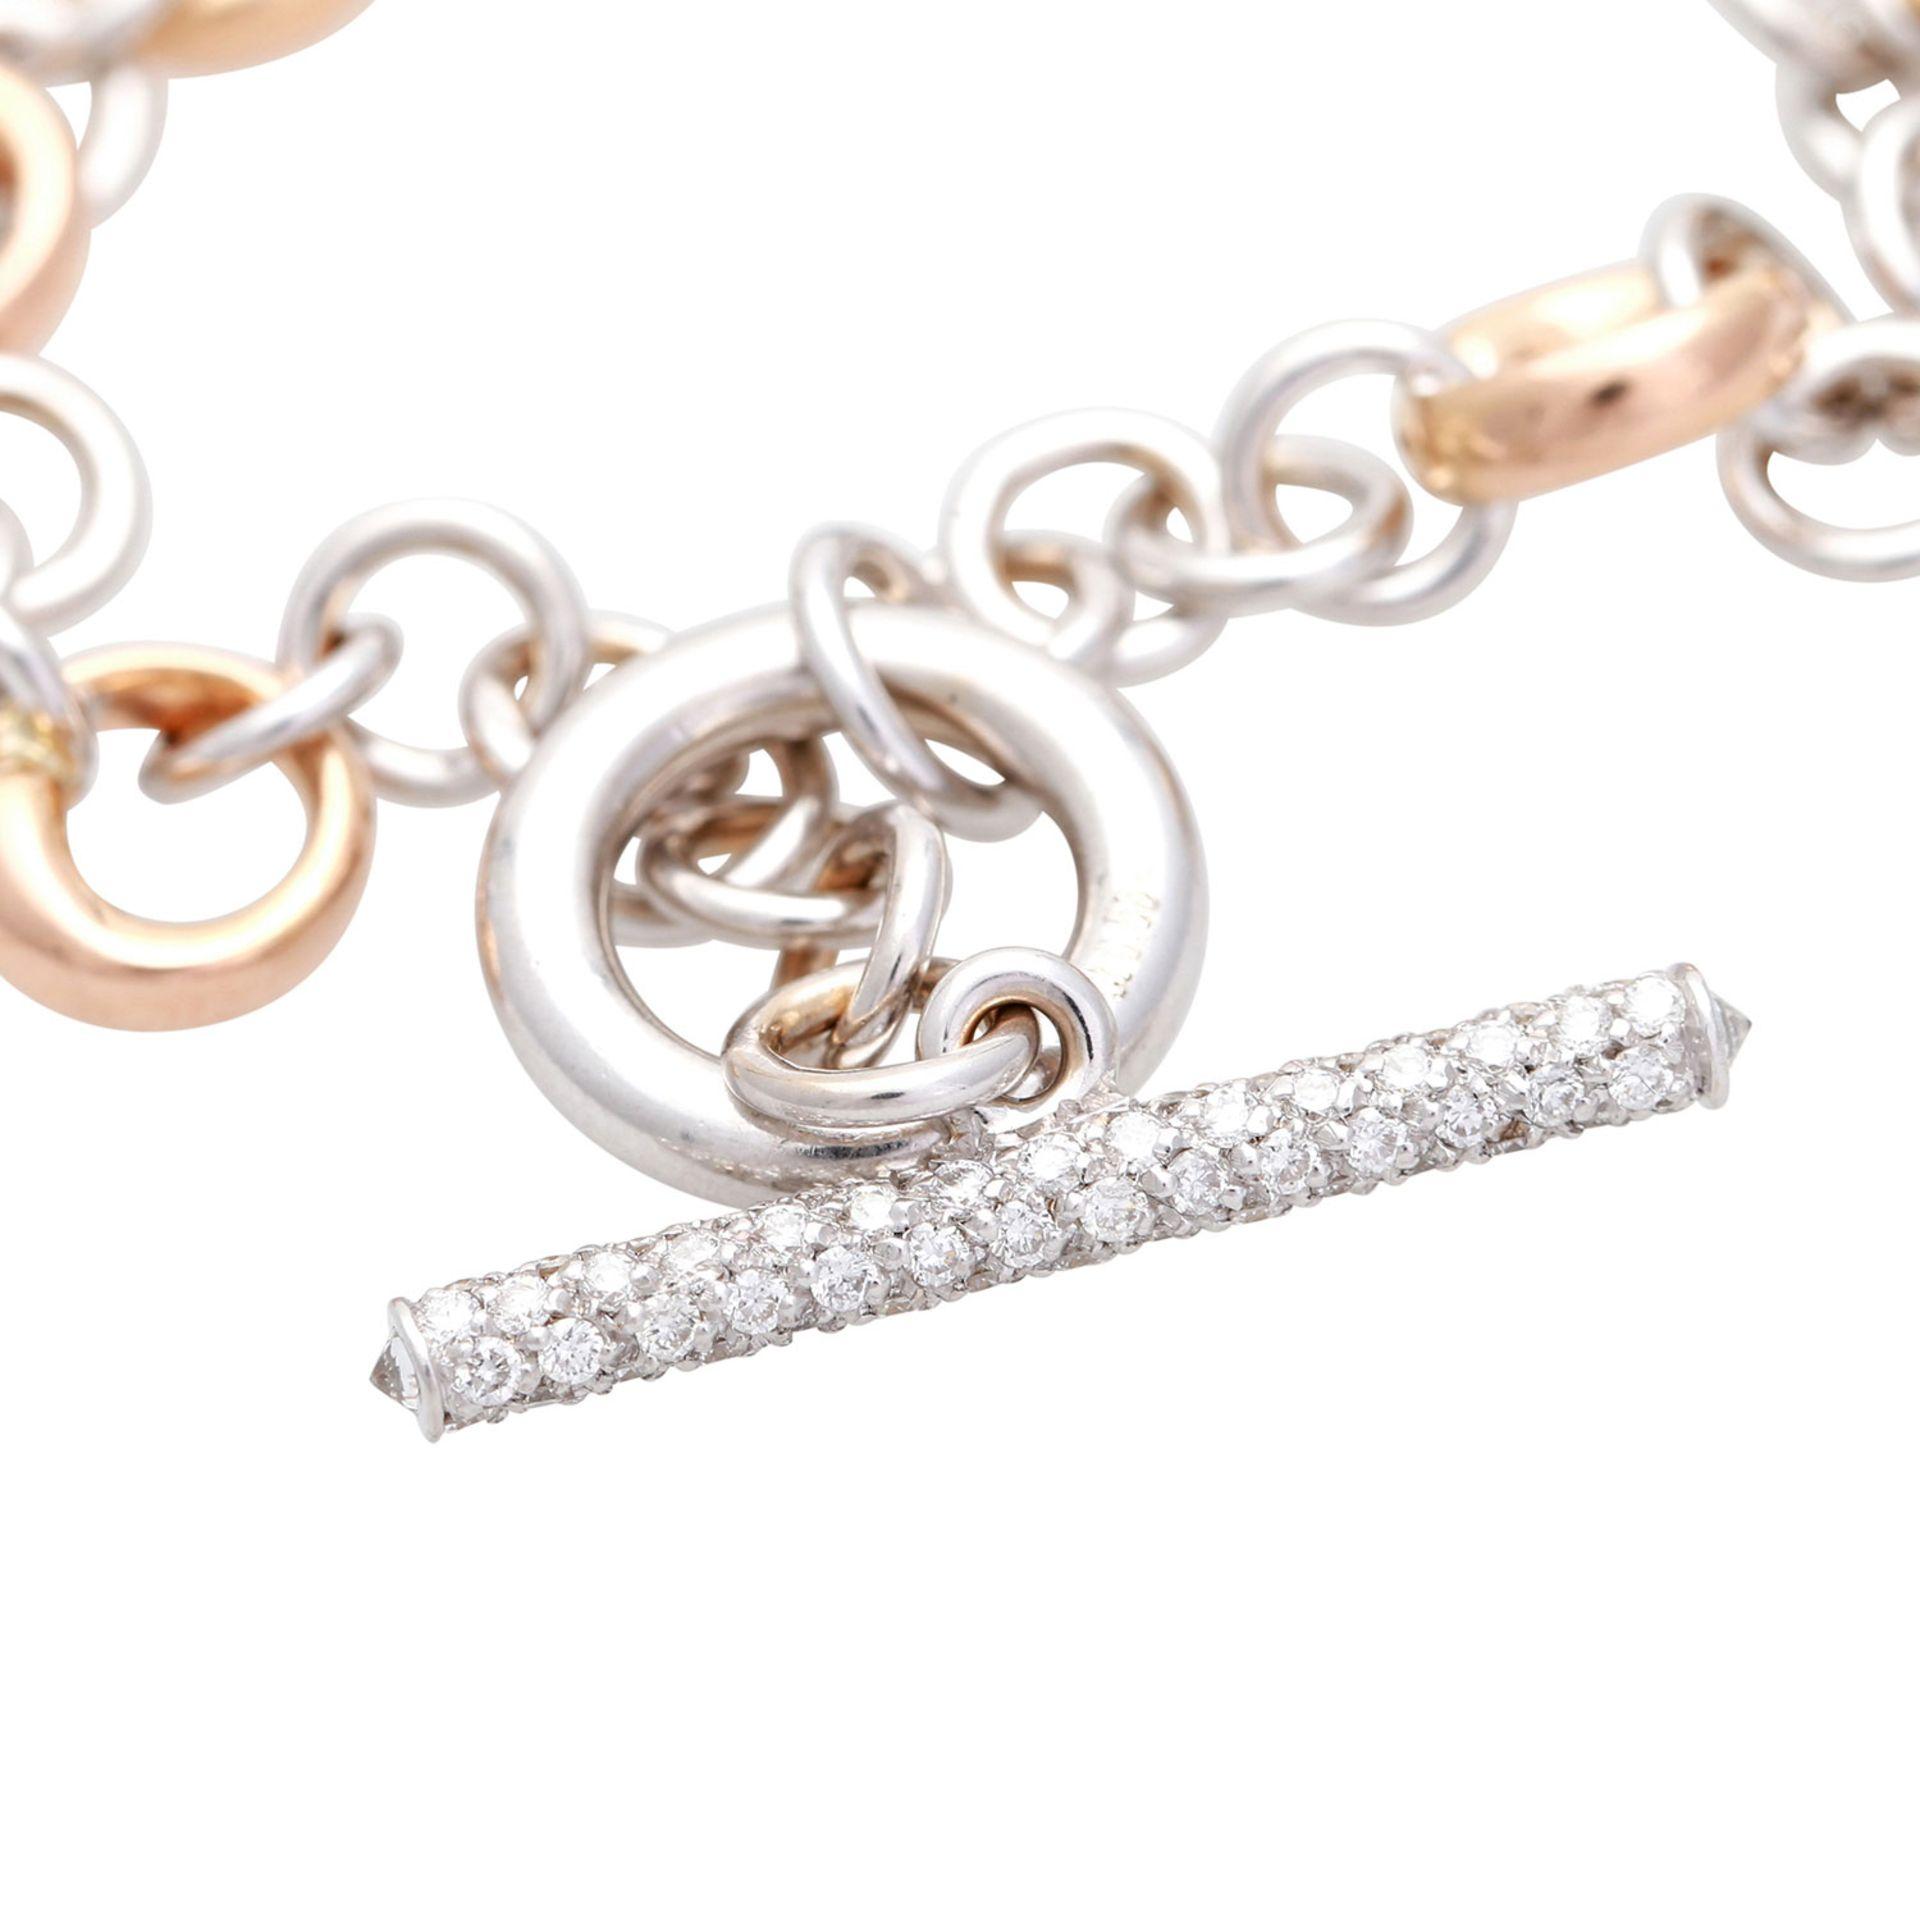 Los 41 - Armband in Bicolor mit Diamantbesatz zus. ca. 0,4 ct, GG / RG 18K mit Knebelverschluss. L: ca. 19